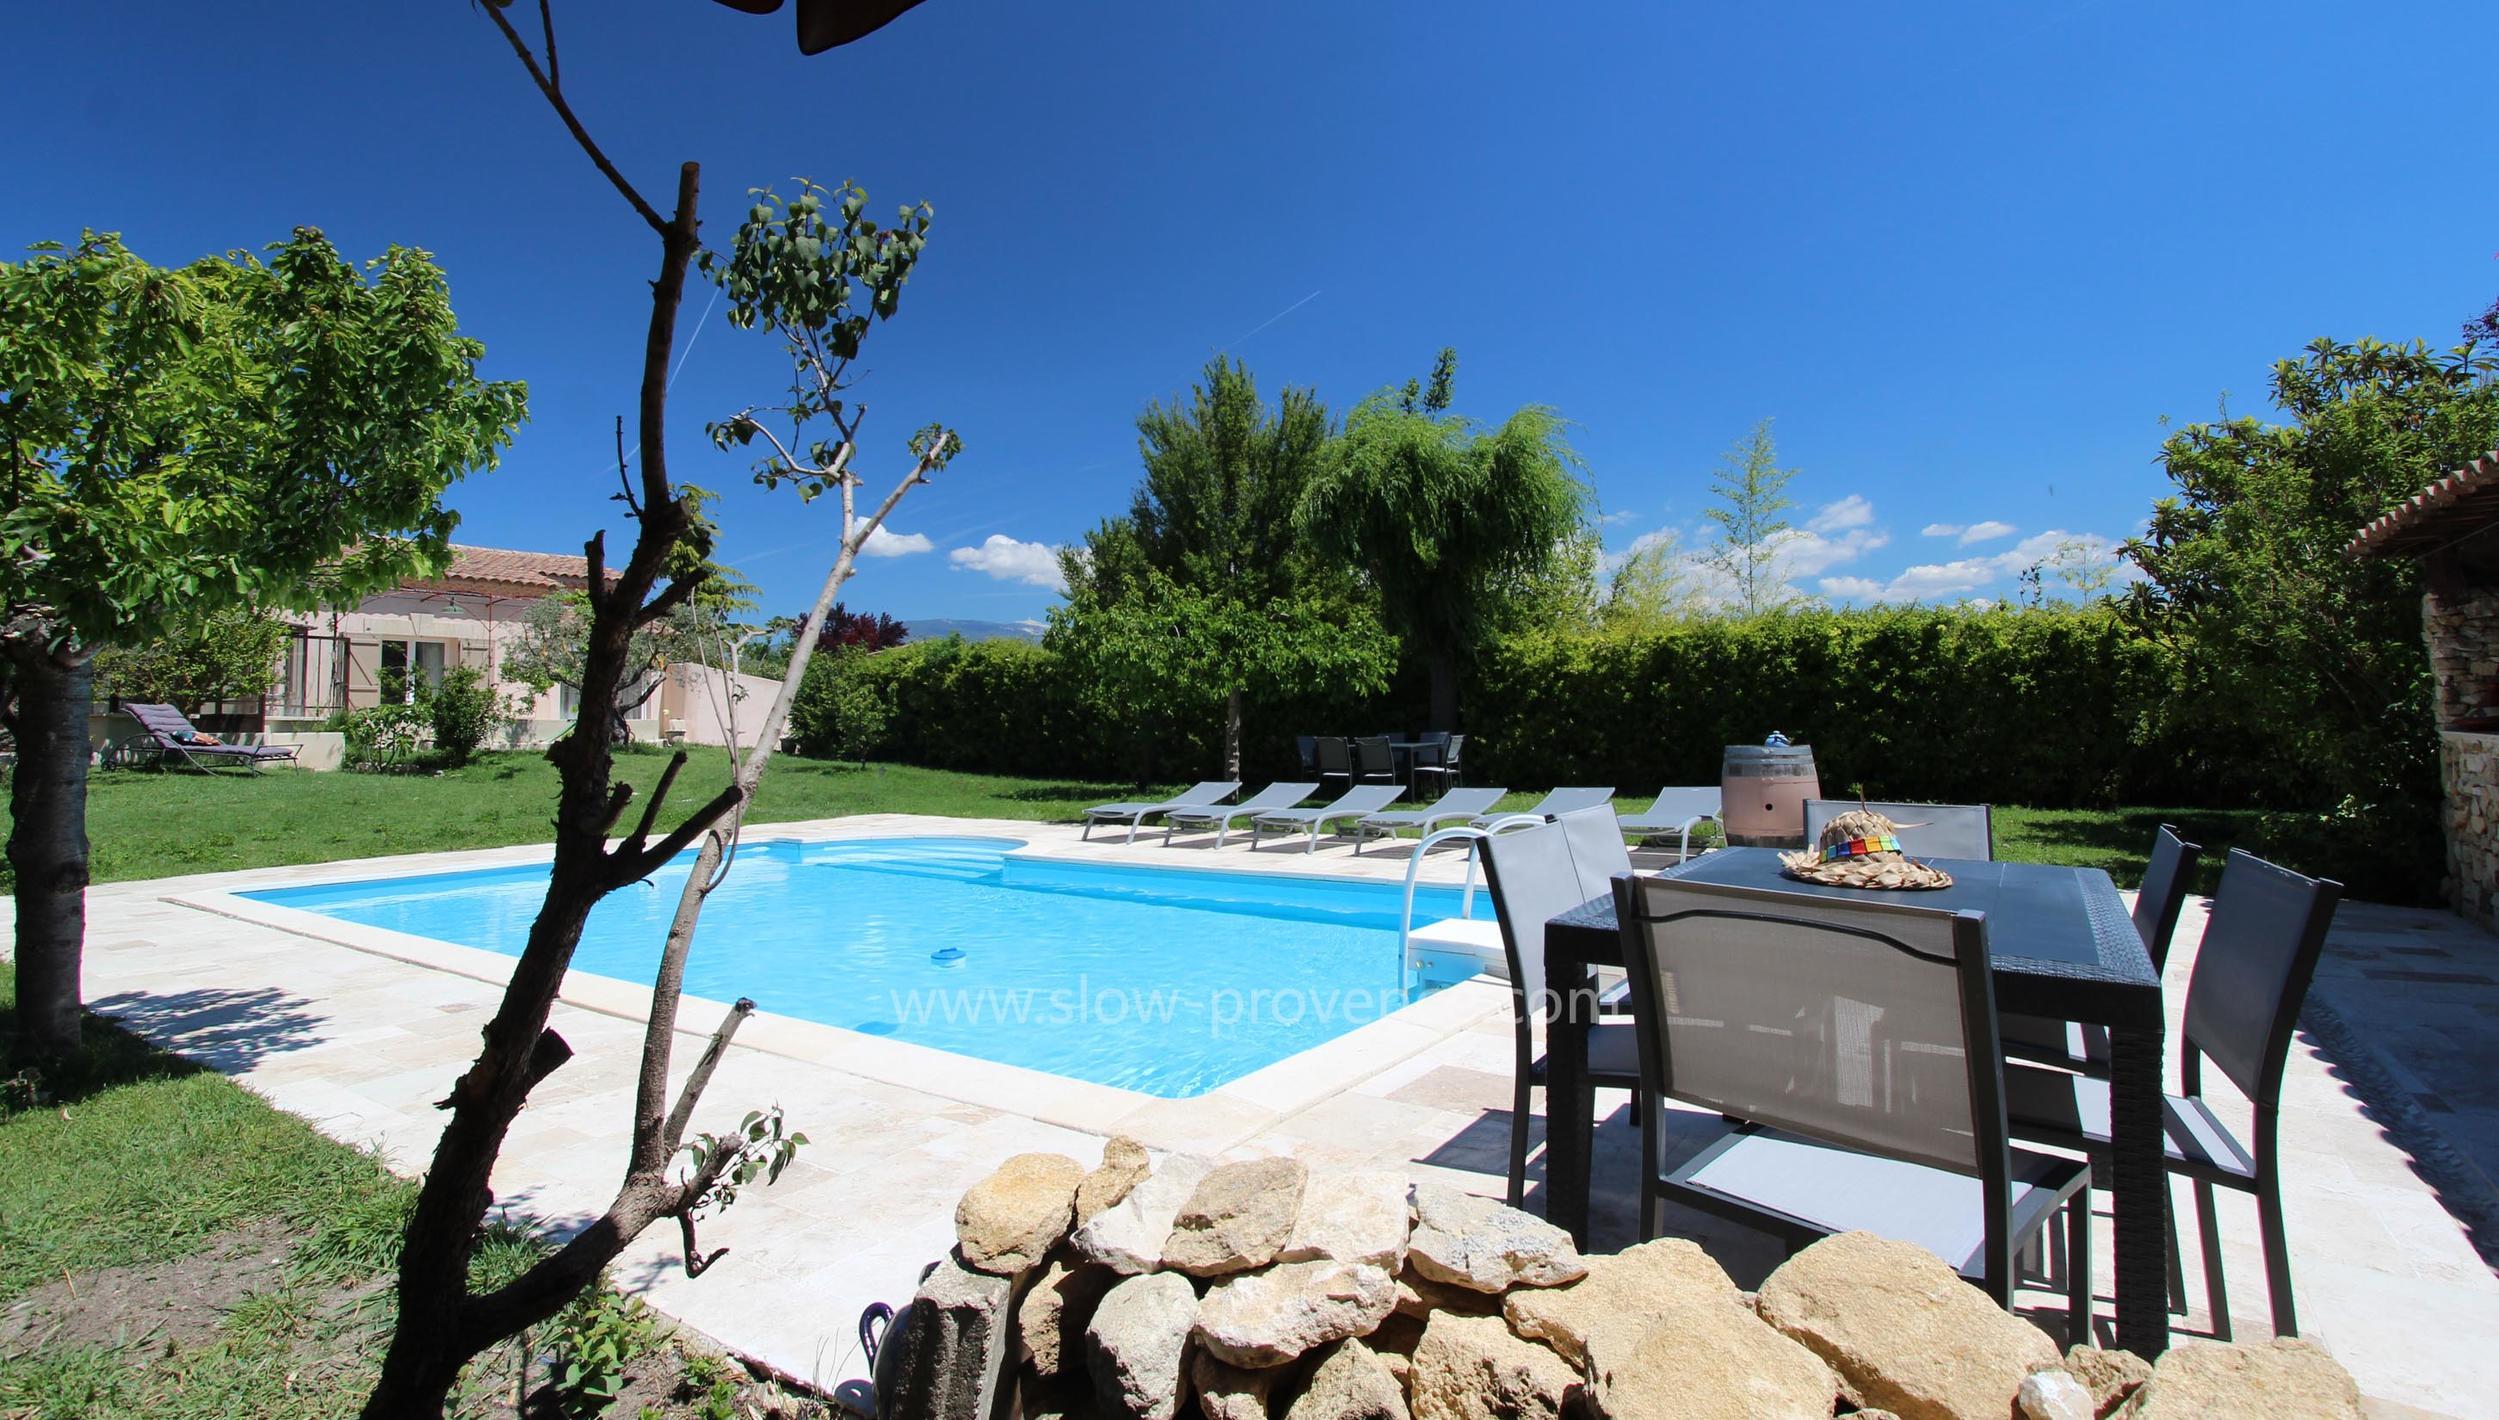 Villa Confortable De Vacances Avec Piscine Privée À Louer En ... tout Location Maison De Vacances Avec Piscine Privée